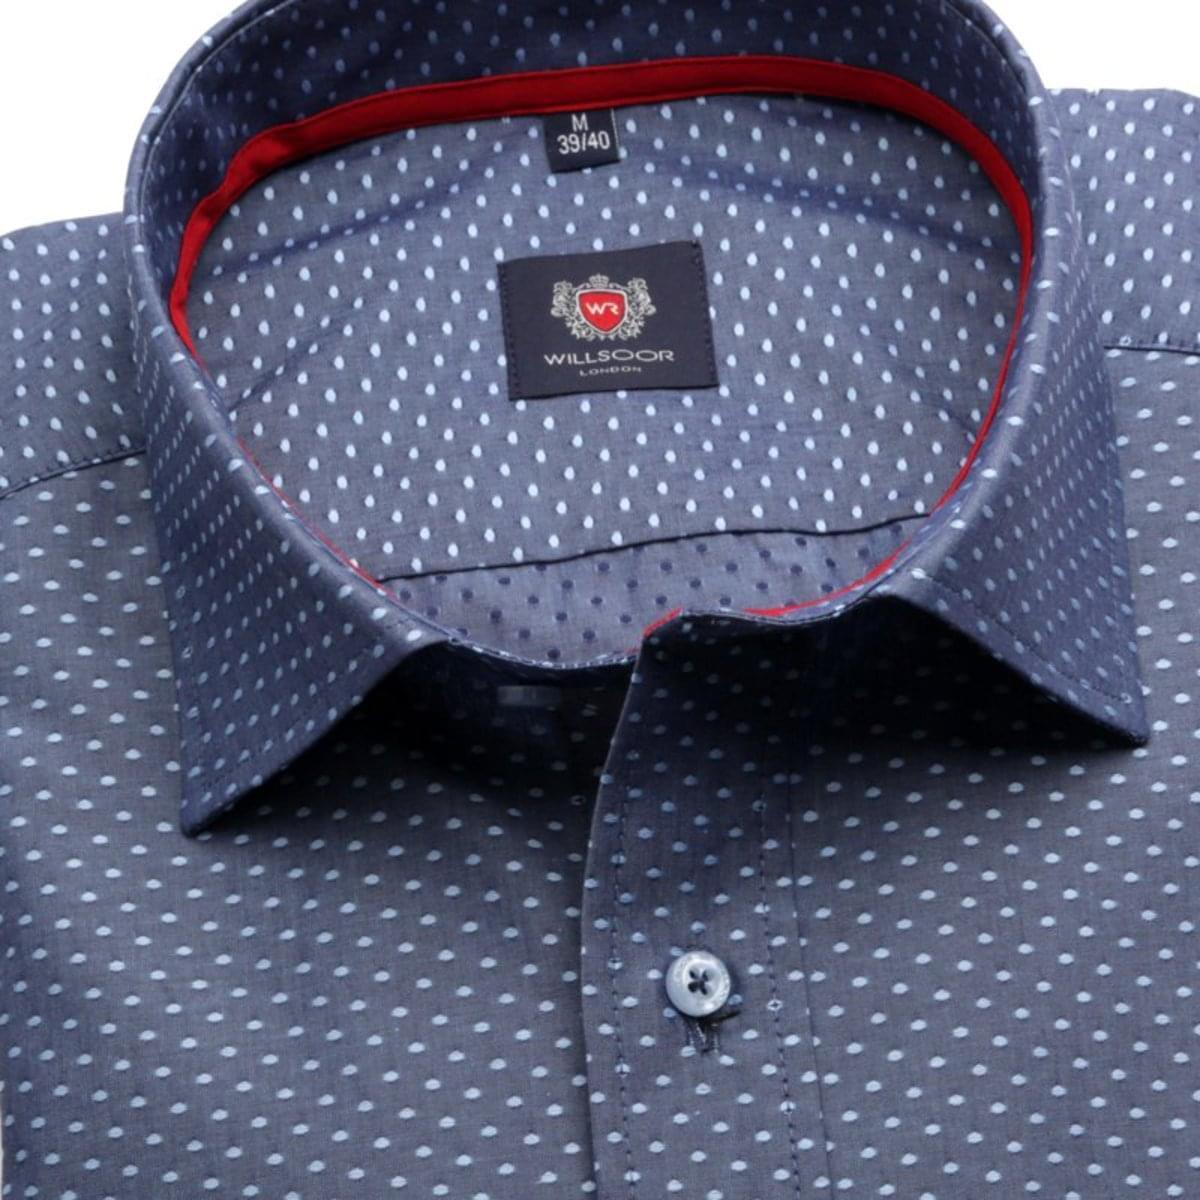 Pánská klasická košile London (výška 176-182) 7648 v modré barvě s úpravou easy care 176-182 / XL (43/44)